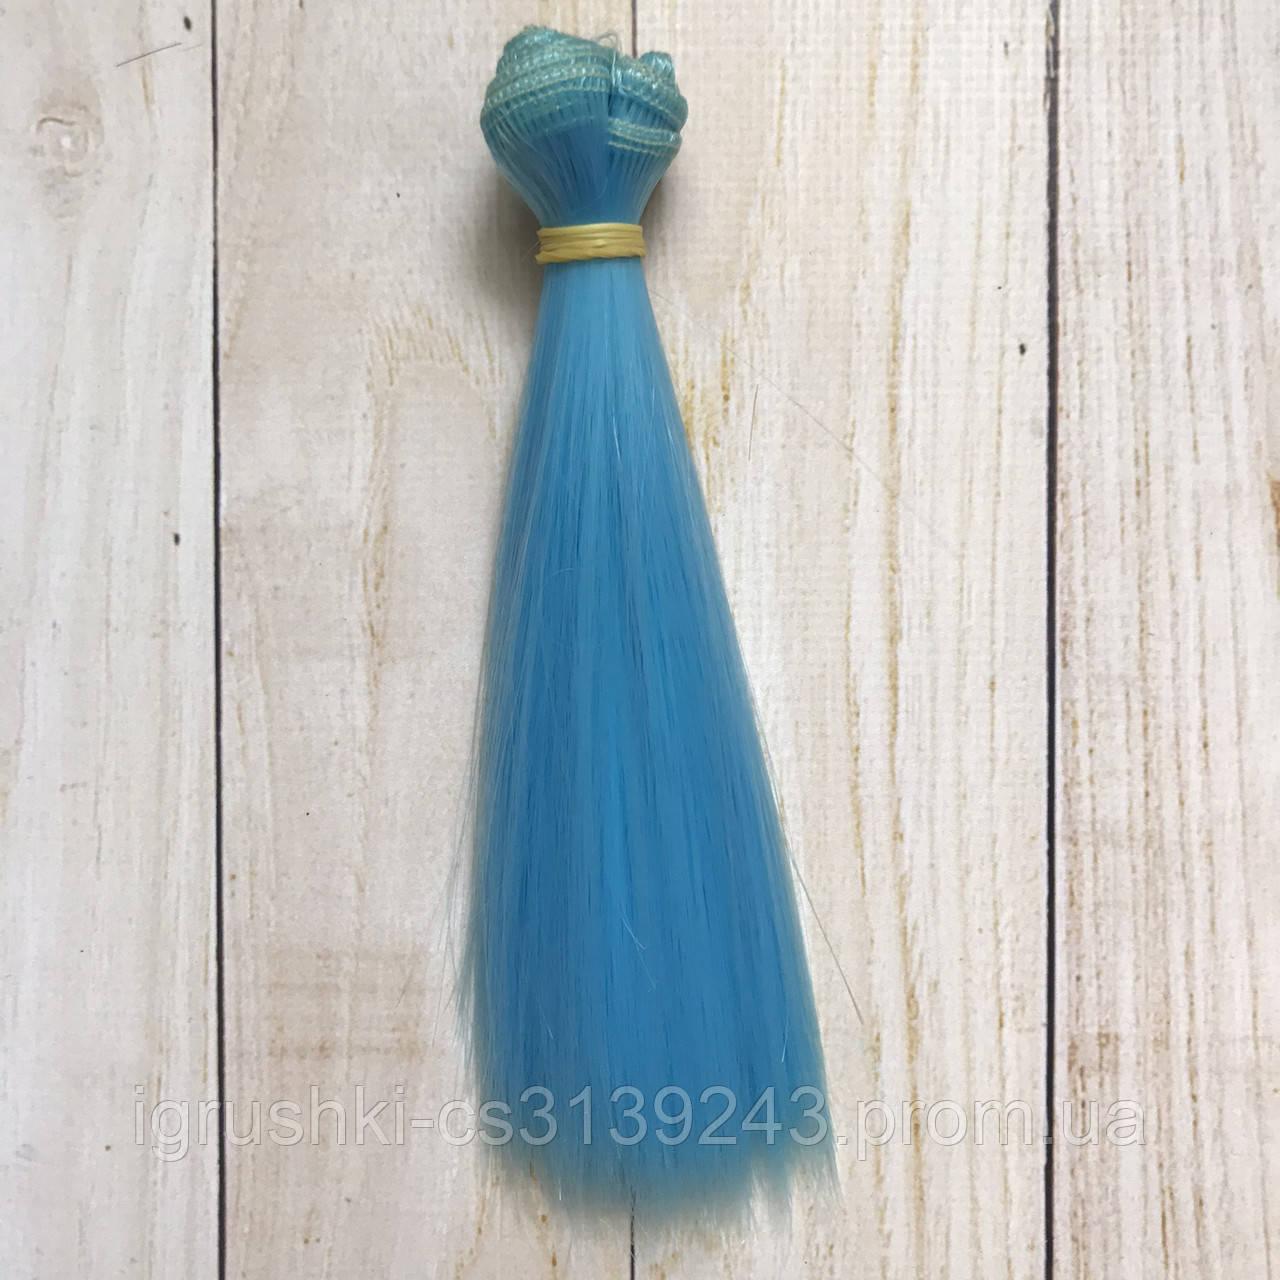 Волосы для кукол (трессы) 15 * 100 см Цвет 33